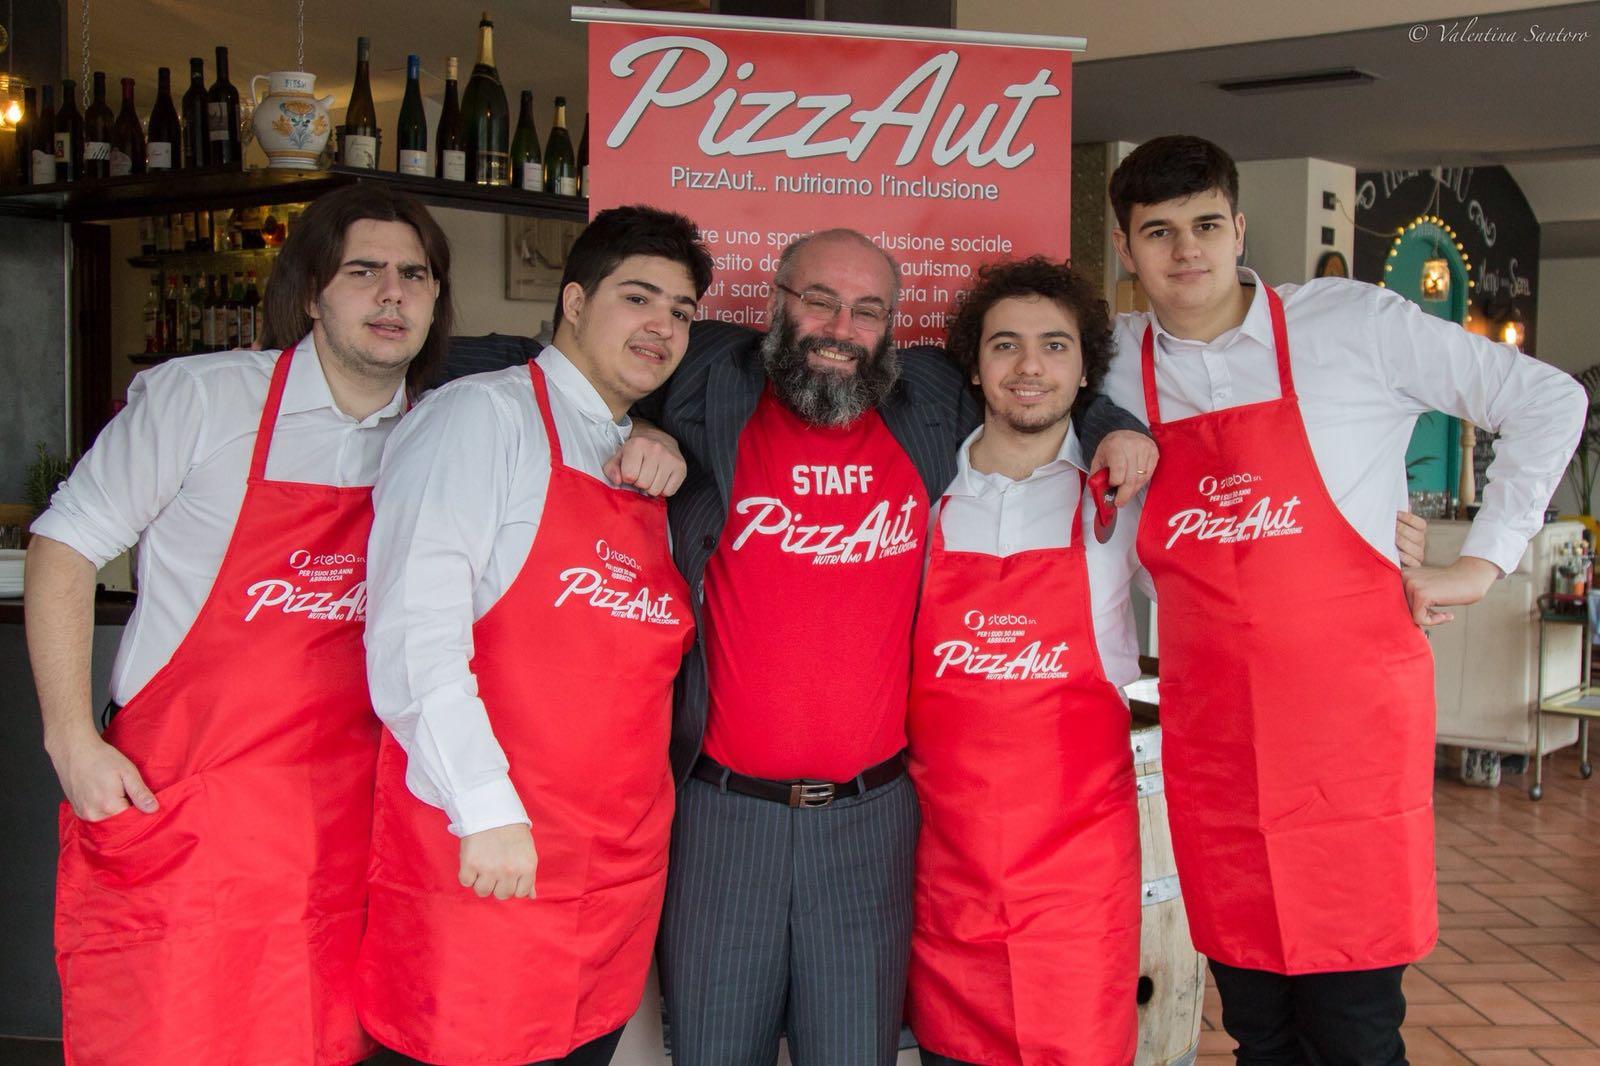 Steba per il sociale, PizzAut